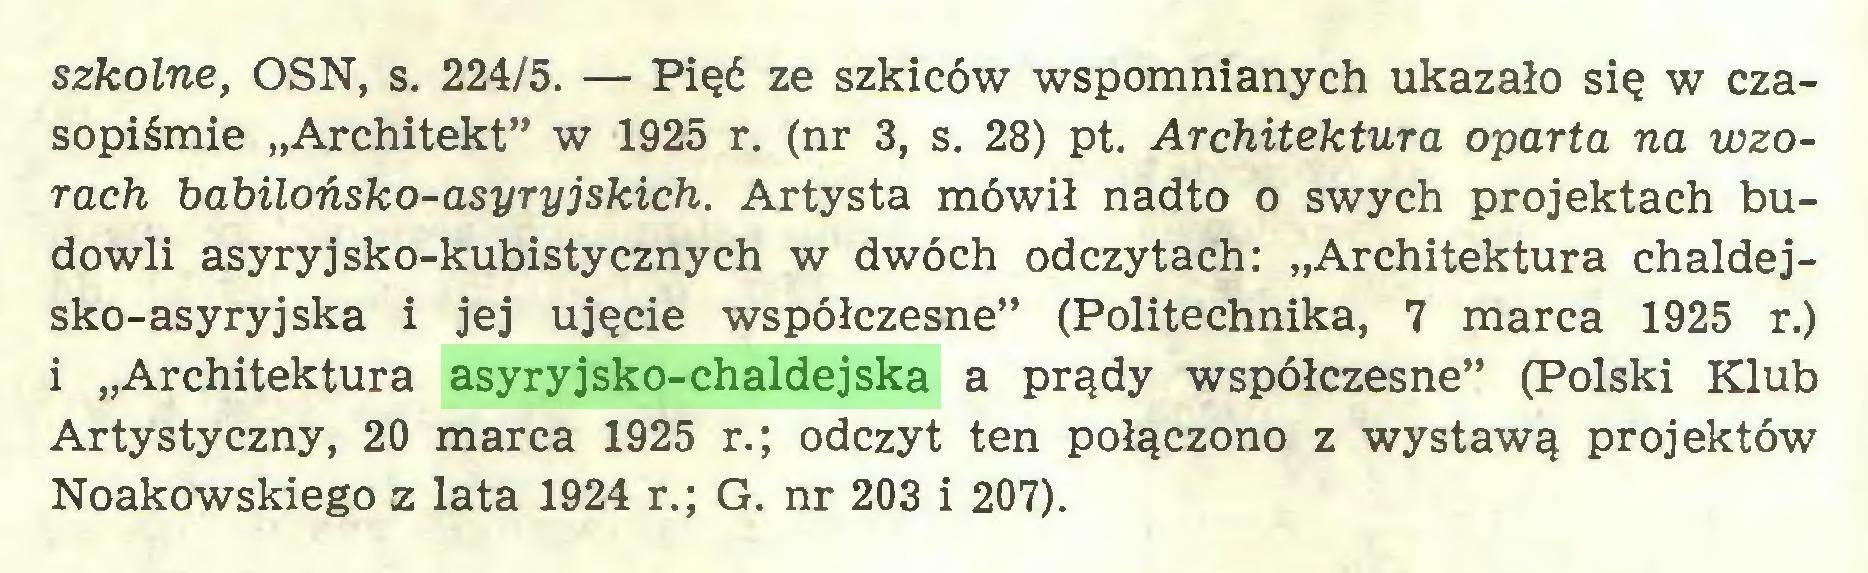 """(...) szkolne, OSN, s. 224/5. — Pięć ze szkiców wspomnianych ukazało się w czasopiśmie """"Architekt"""" w 1925 r. (nr 3, s. 28) pt. Architektura oparta na wzorach babilońsko-asyryjskich. Artysta mówił nadto o swych projektach budowli asyryjsko-kubistycznych w dwóch odczytach: """"Architektura chaldejsko-asyryjska i jej ujęcie współczesne"""" (Politechnika, 7 marca 1925 r.) i """"Architektura asyryjsko-chaldejska a prądy współczesne"""" (Polski Klub Artystyczny, 20 marca 1925 r.; odczyt ten połączono z wystawą projektów Noakowskiego z lata 1924 r.; G. nr 203 i 207)..."""